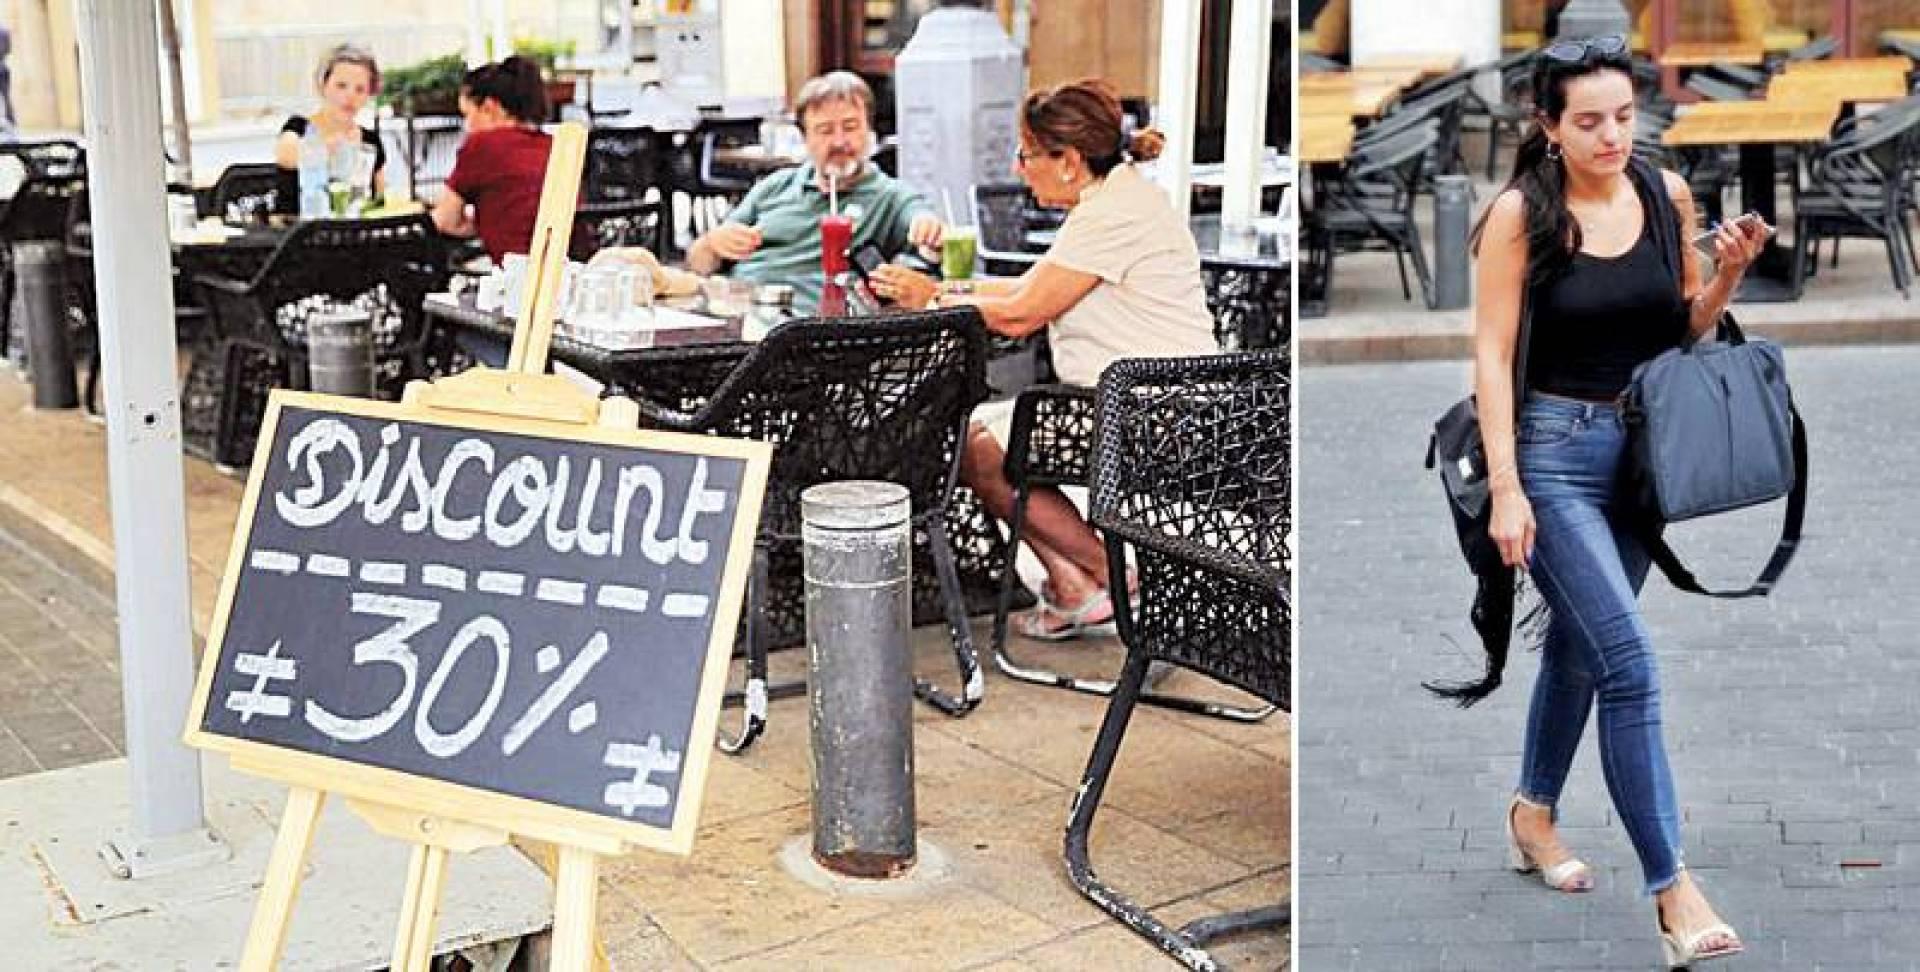 لبنانية تمر أمام أحد مطاعم بيروت الخالية من الزبائن - أزمة المطاعم بدأت منذ أعوام.. وبلغت ذروتها مع الانهيار الحاصل